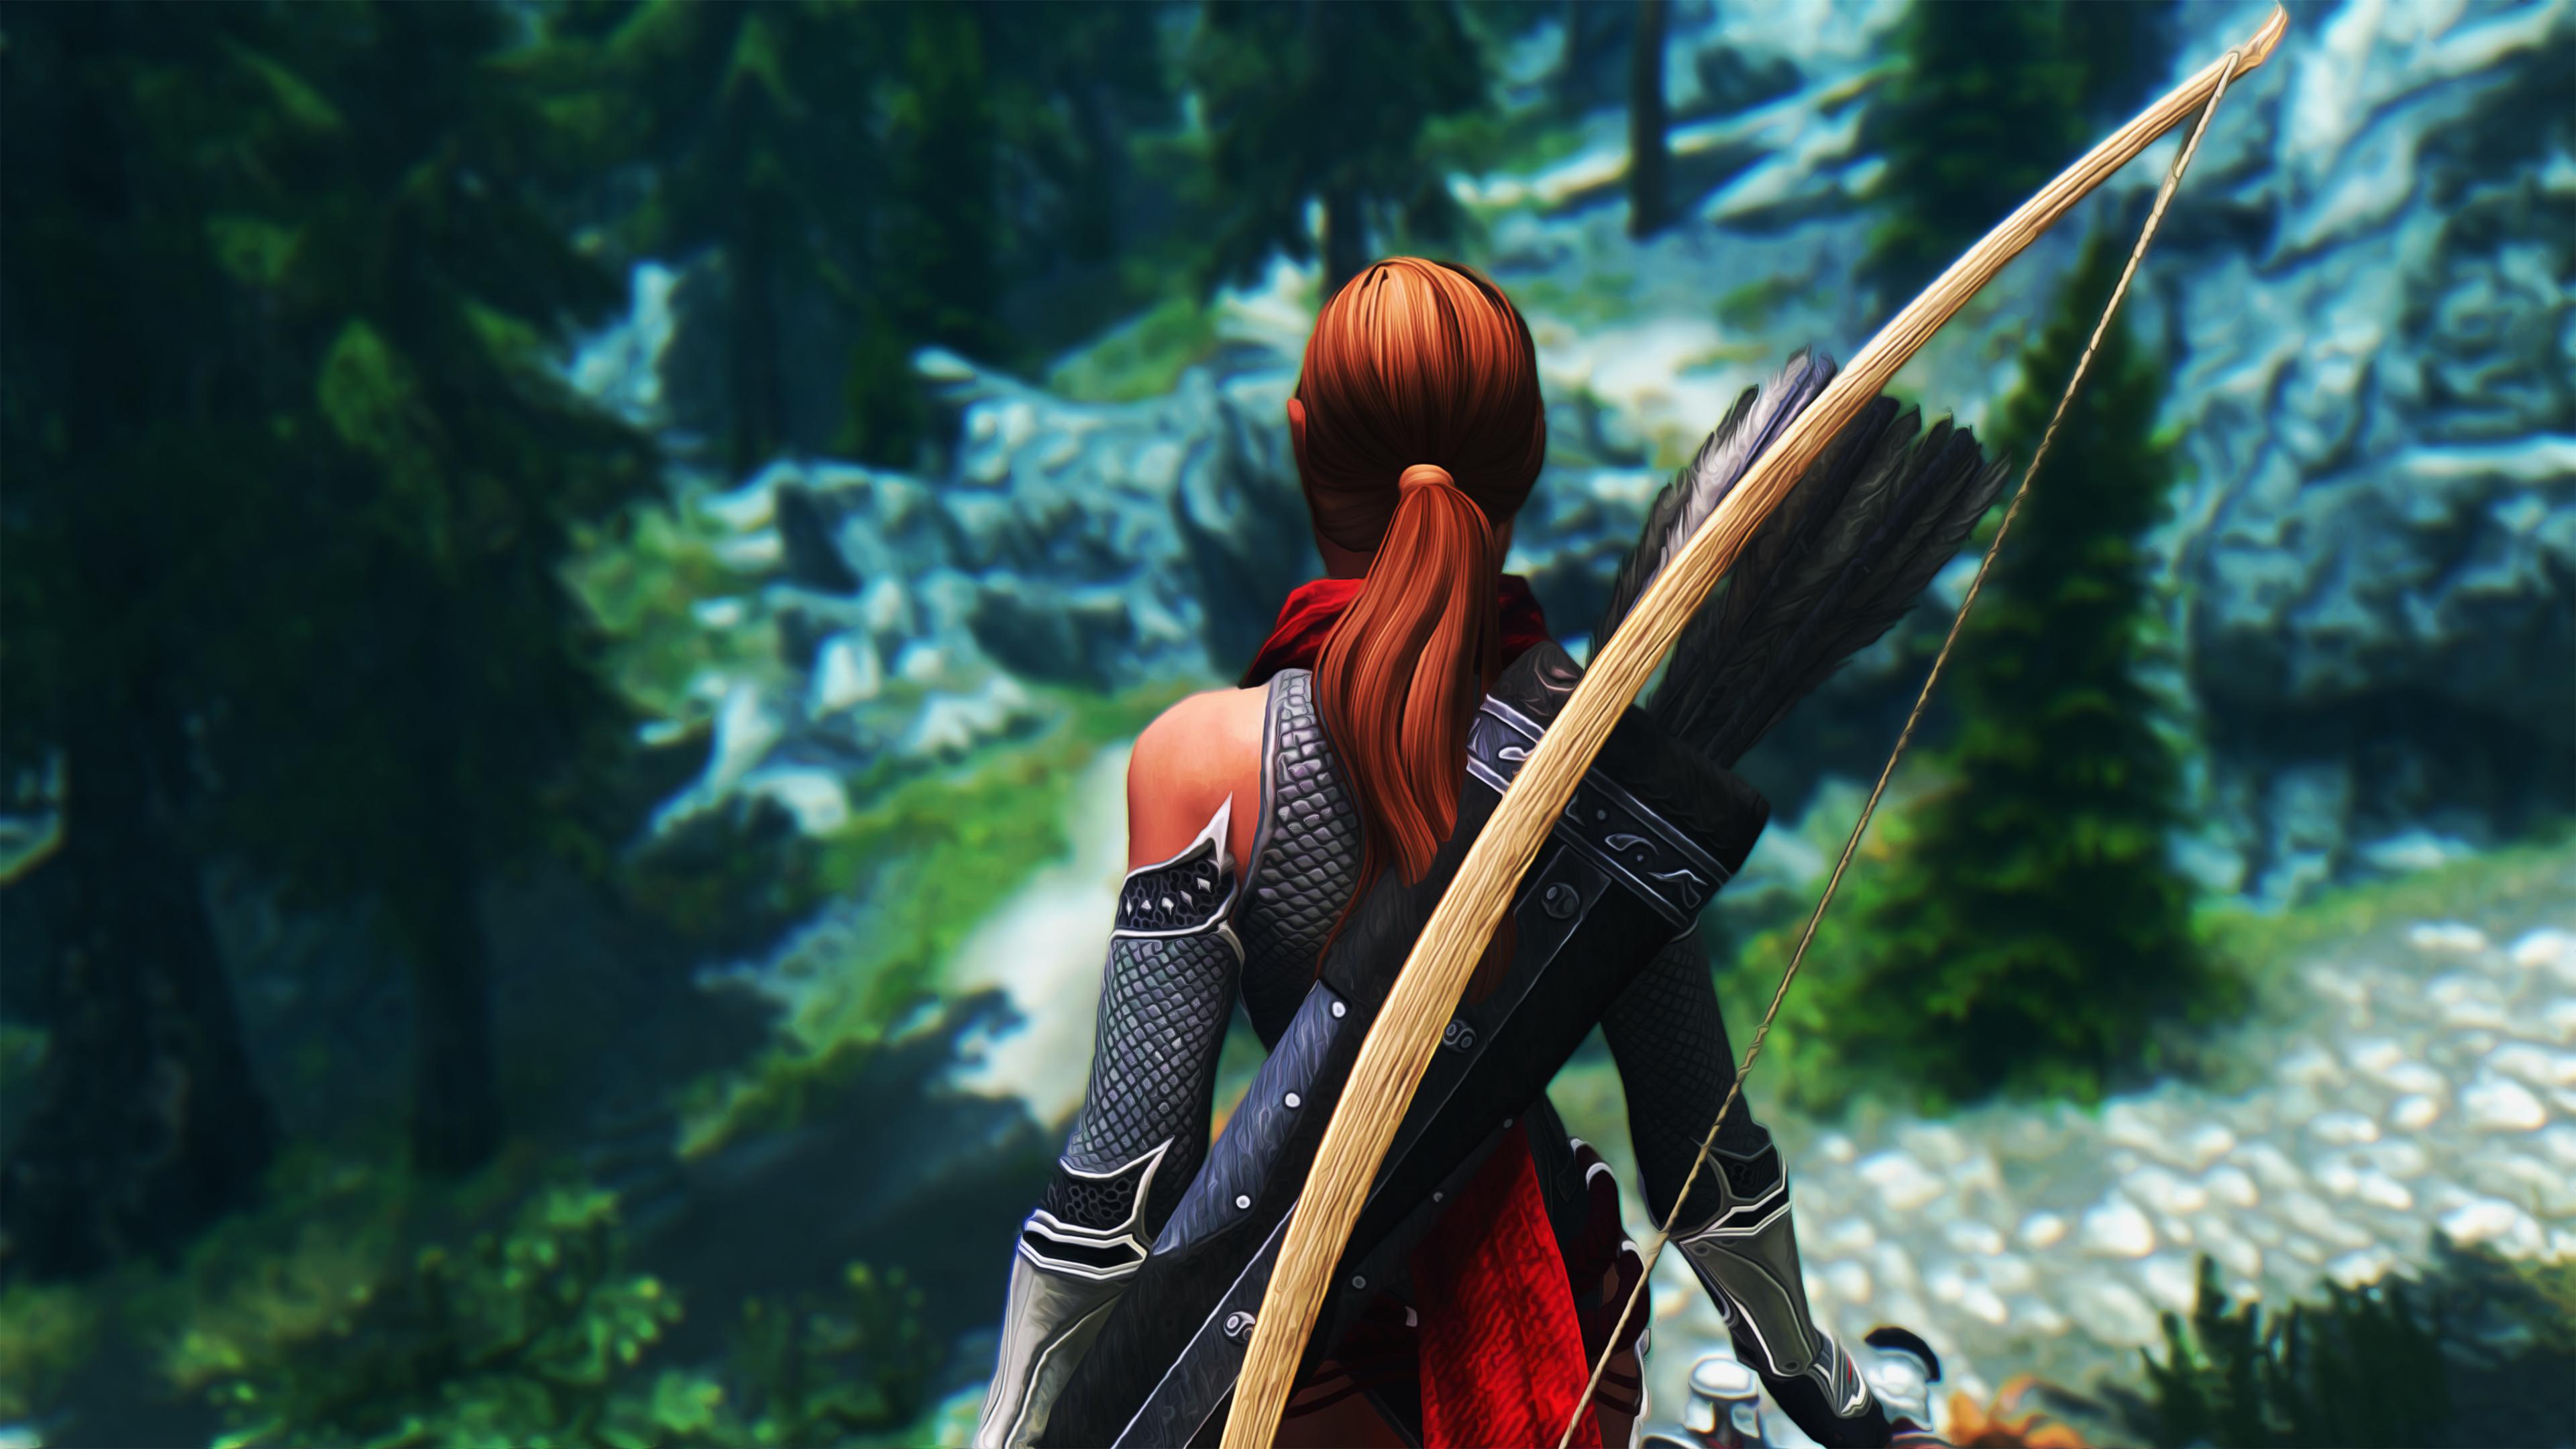 The Elder Scrolls V Skyrim, HD Games, 4k Wallpapers, Images